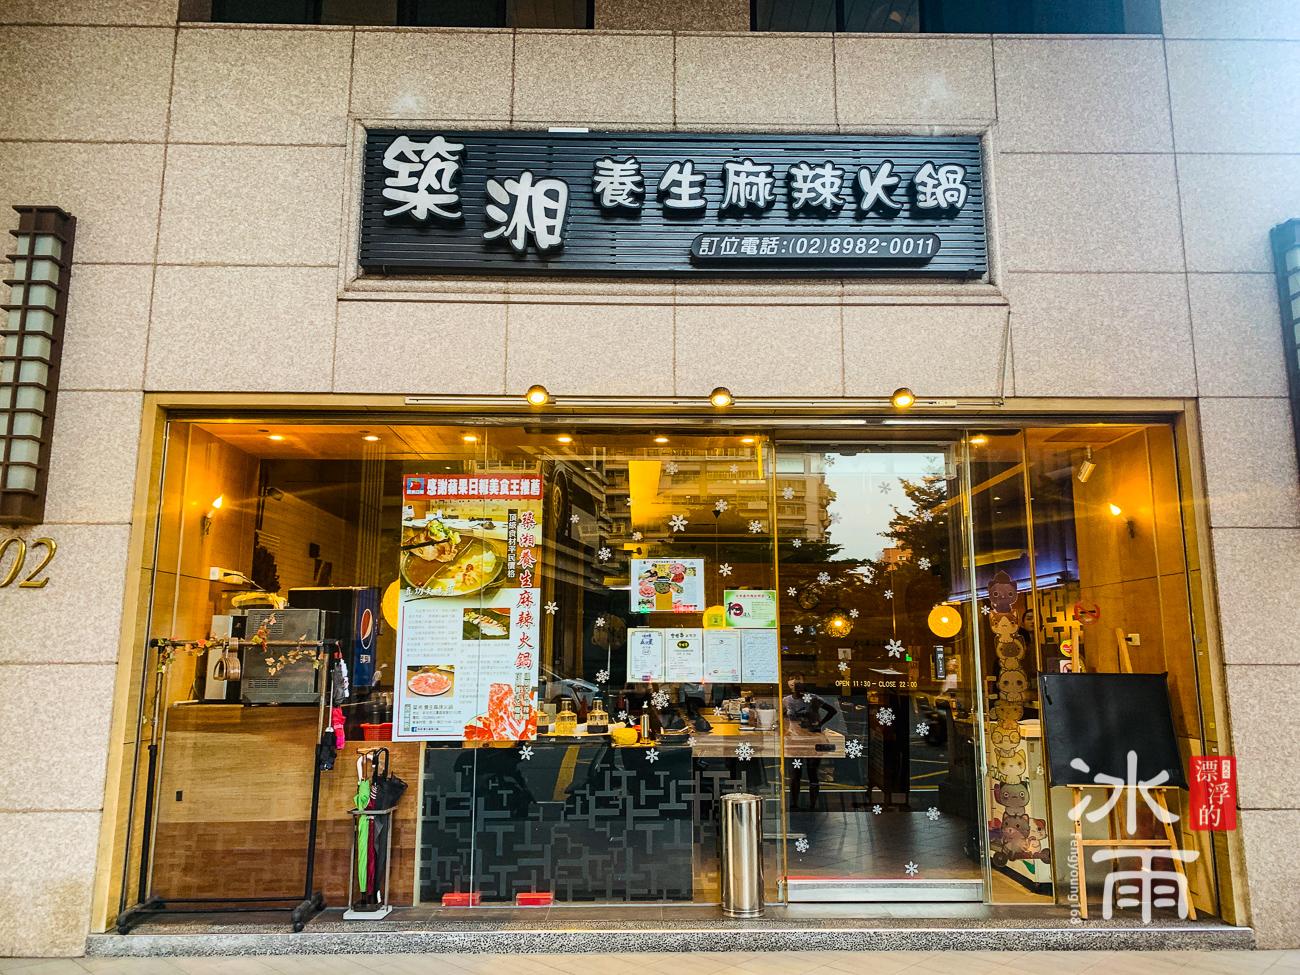 築湘養生麻辣火鍋店|店門口